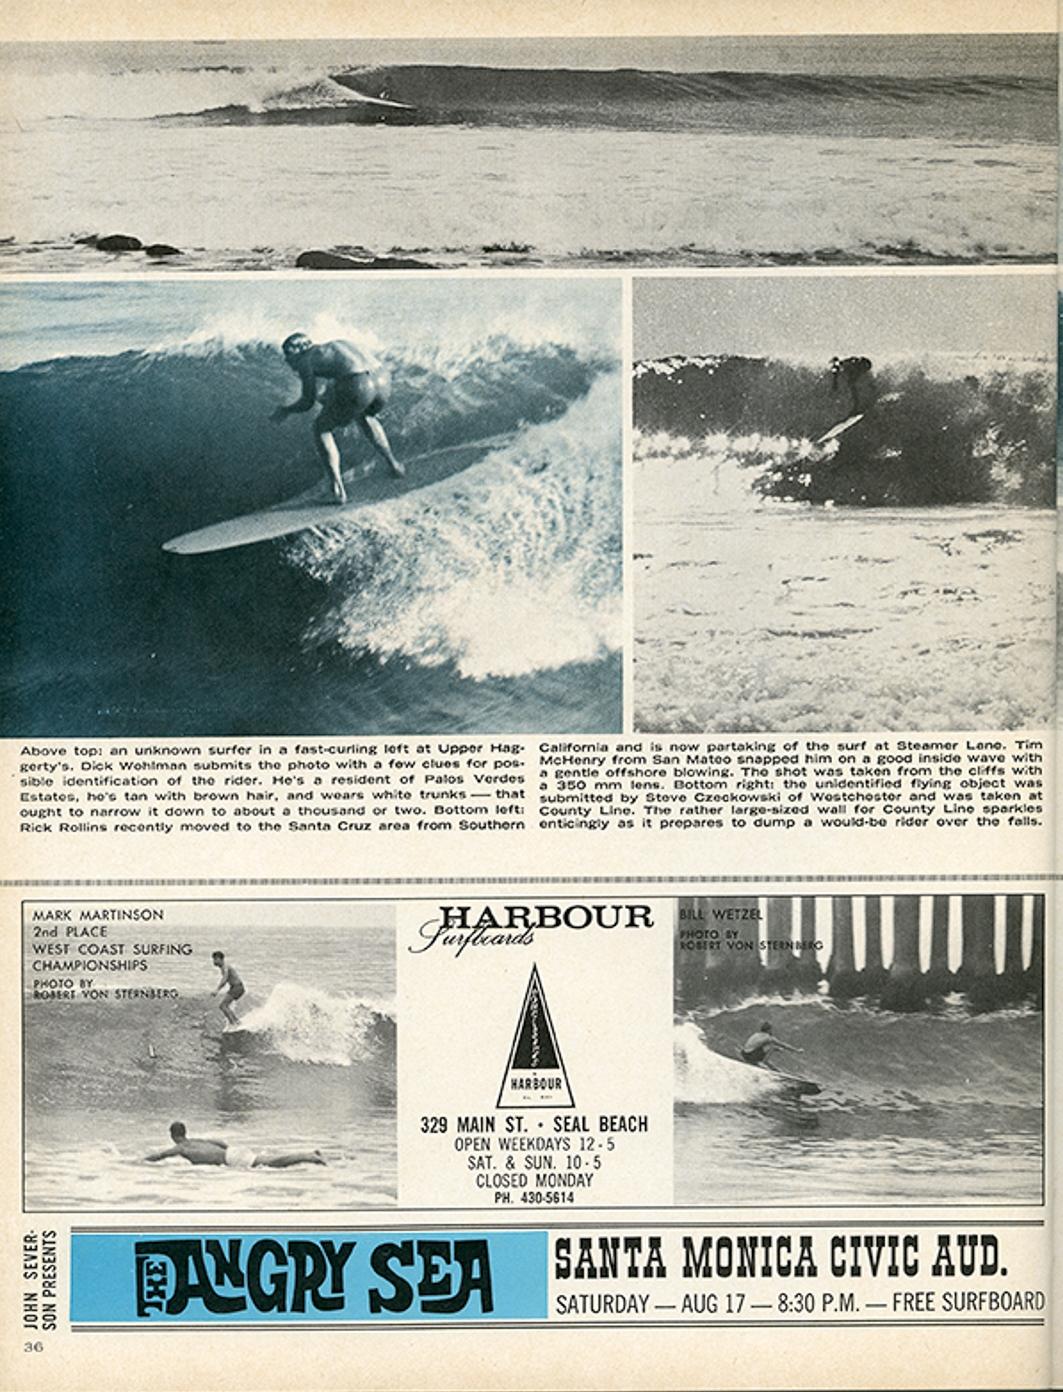 SURFER MAG 1963 AUG-SEPT VOL4